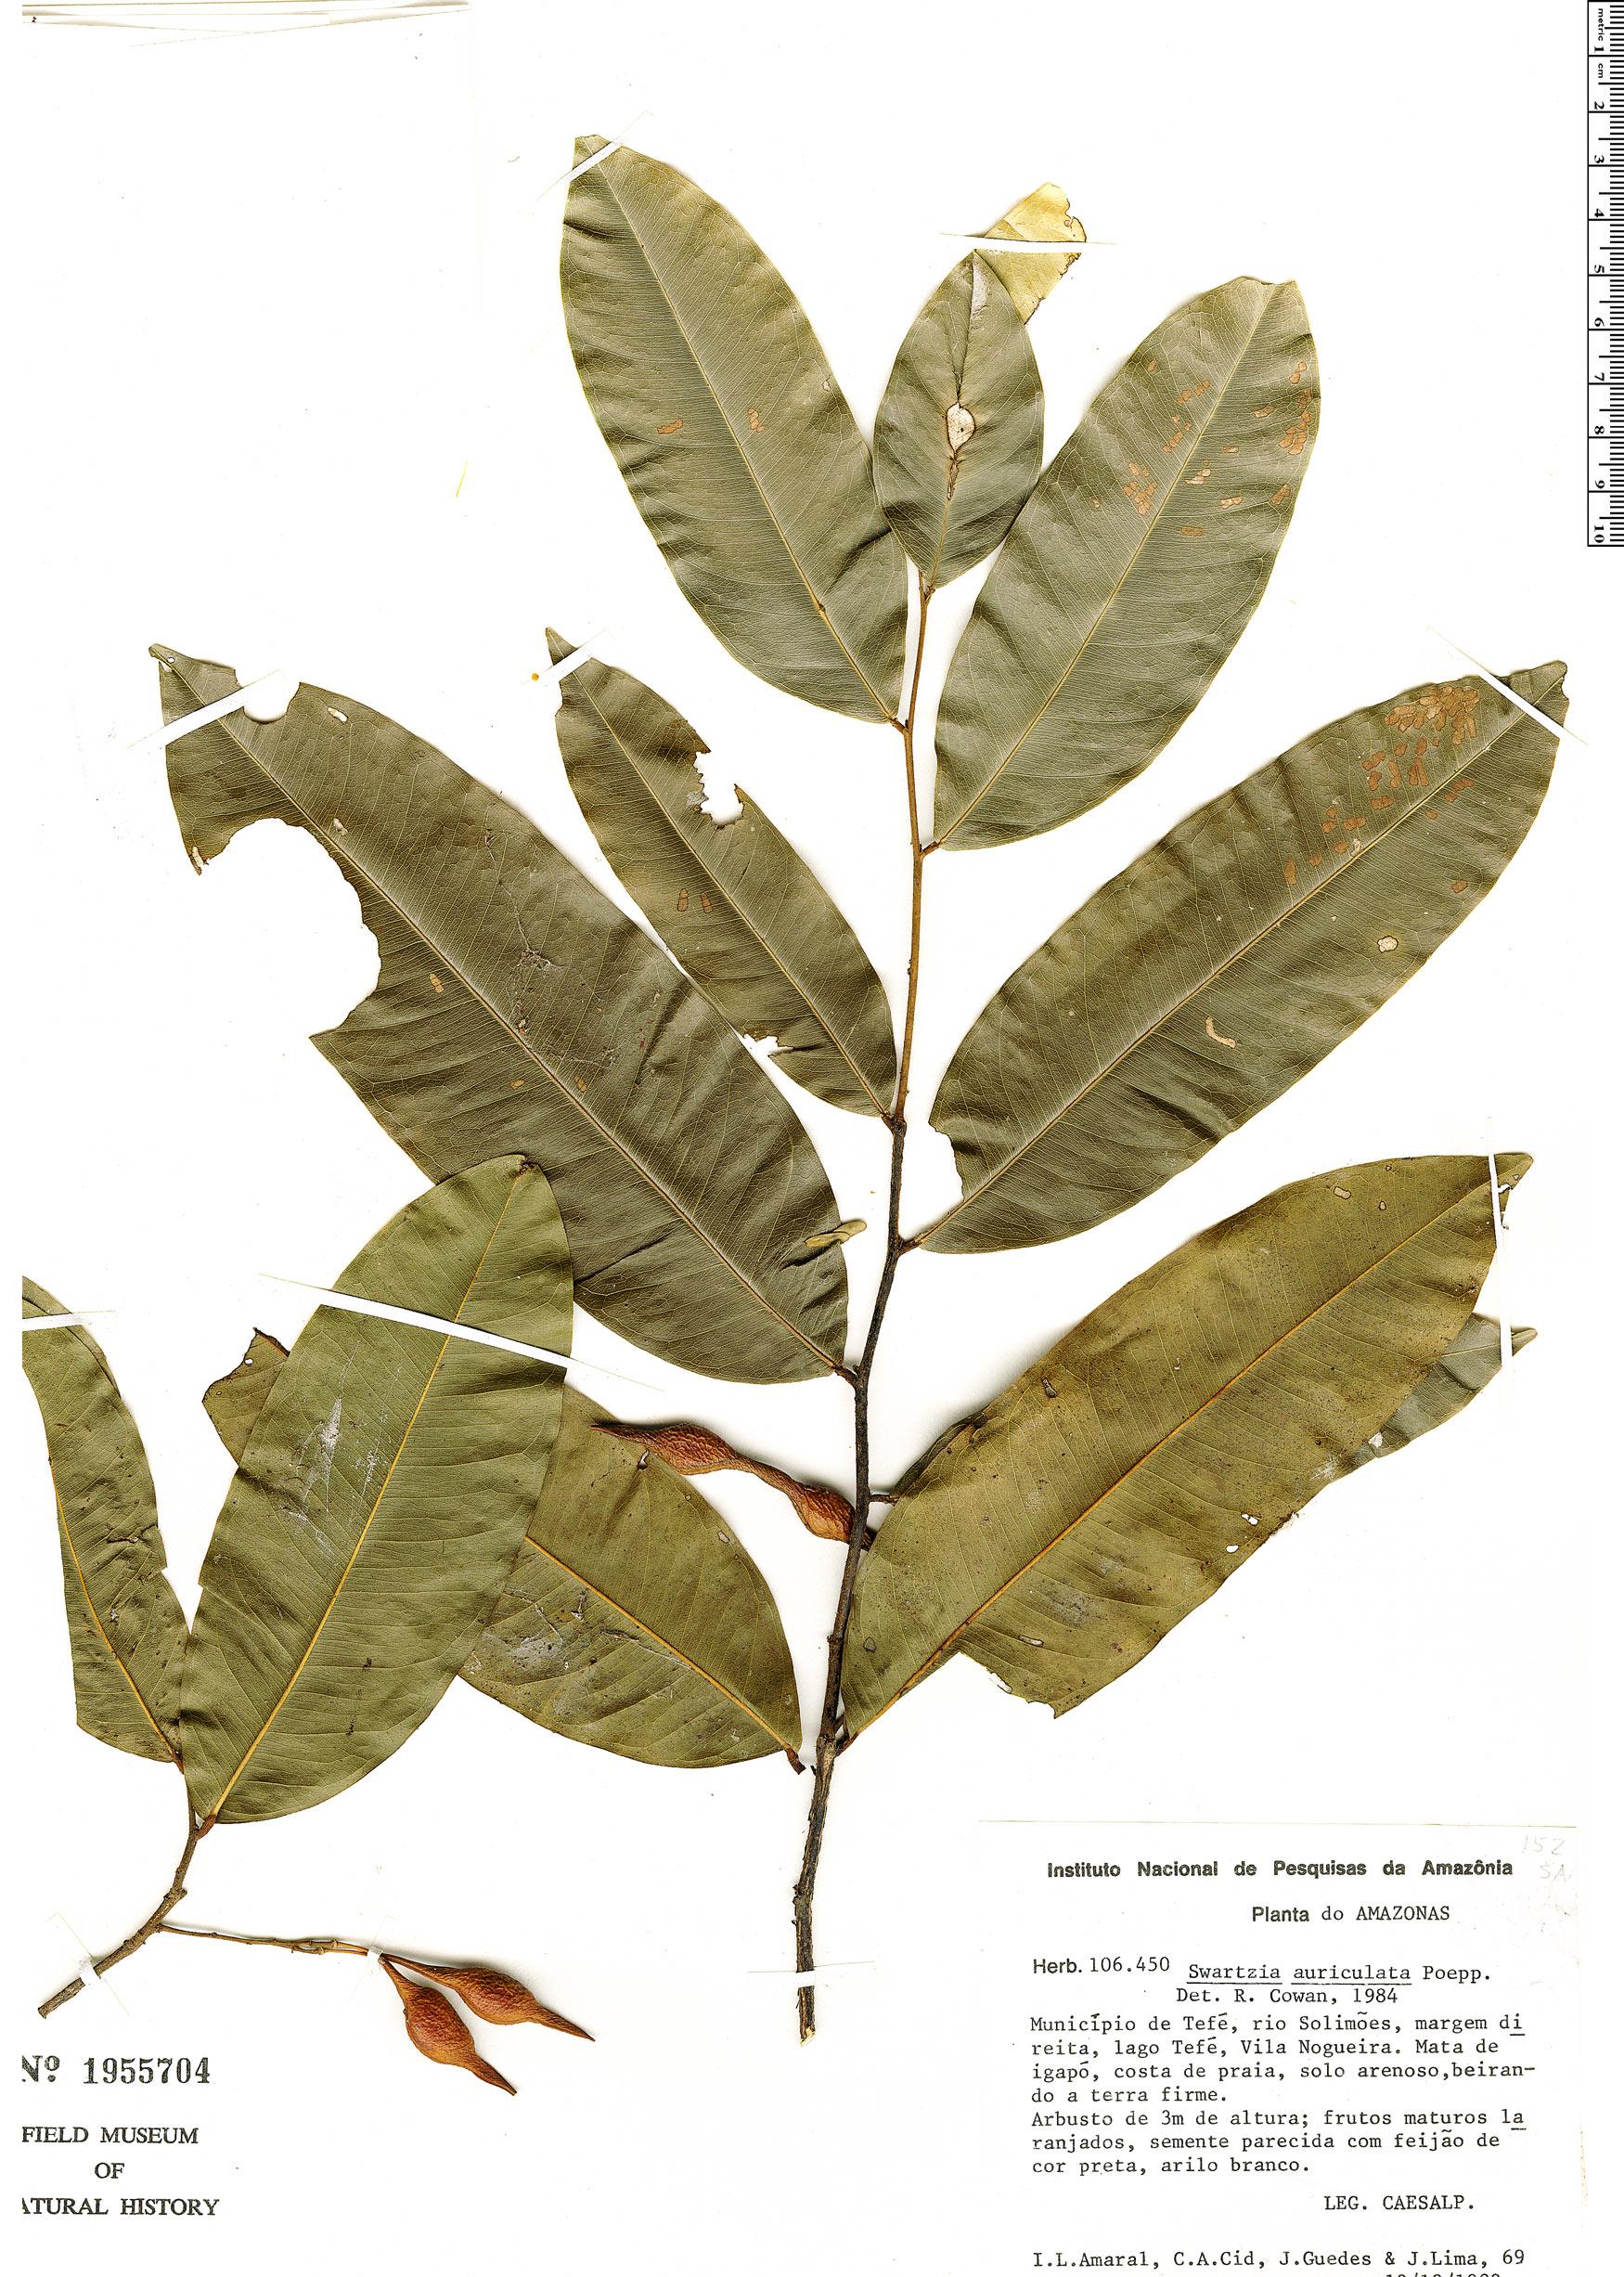 Specimen: Swartzia auriculata